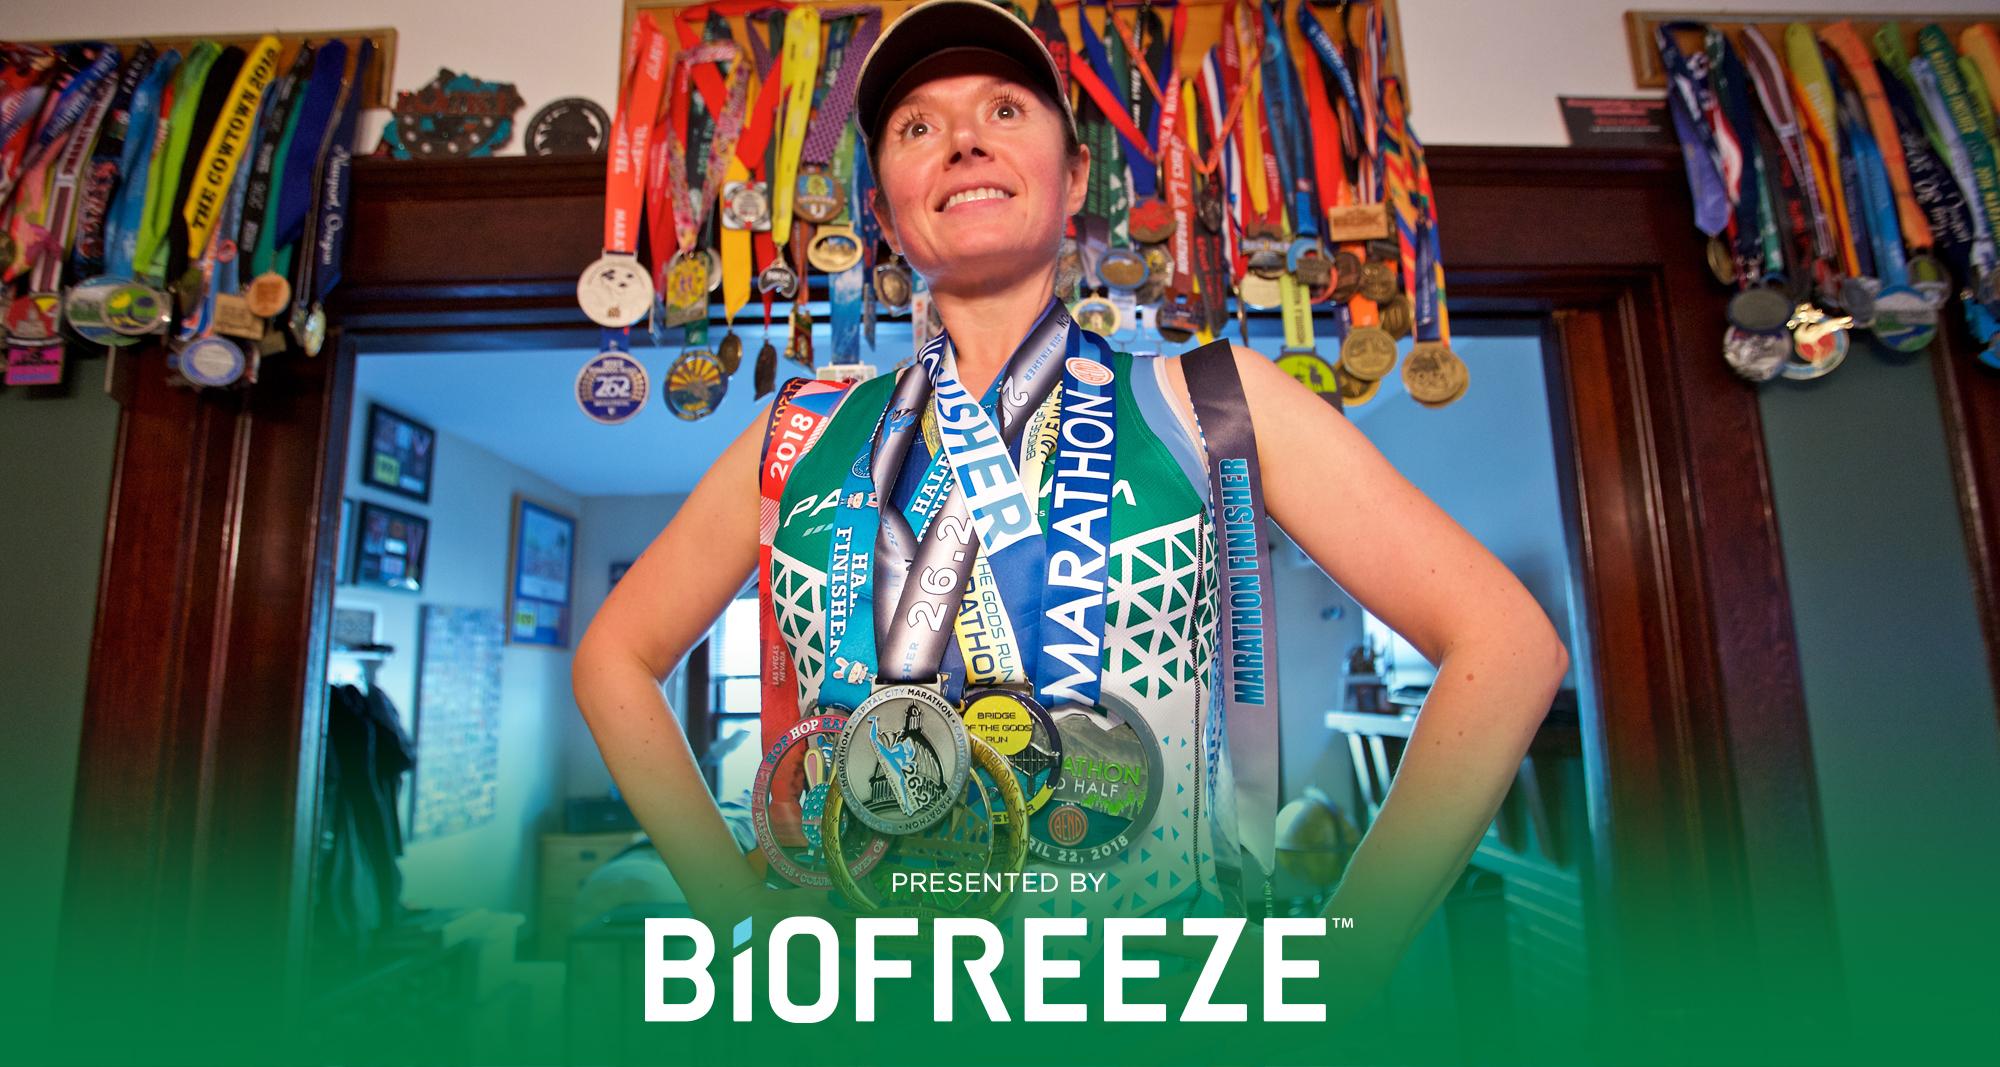 Biofreeze-2000x1067.jpg